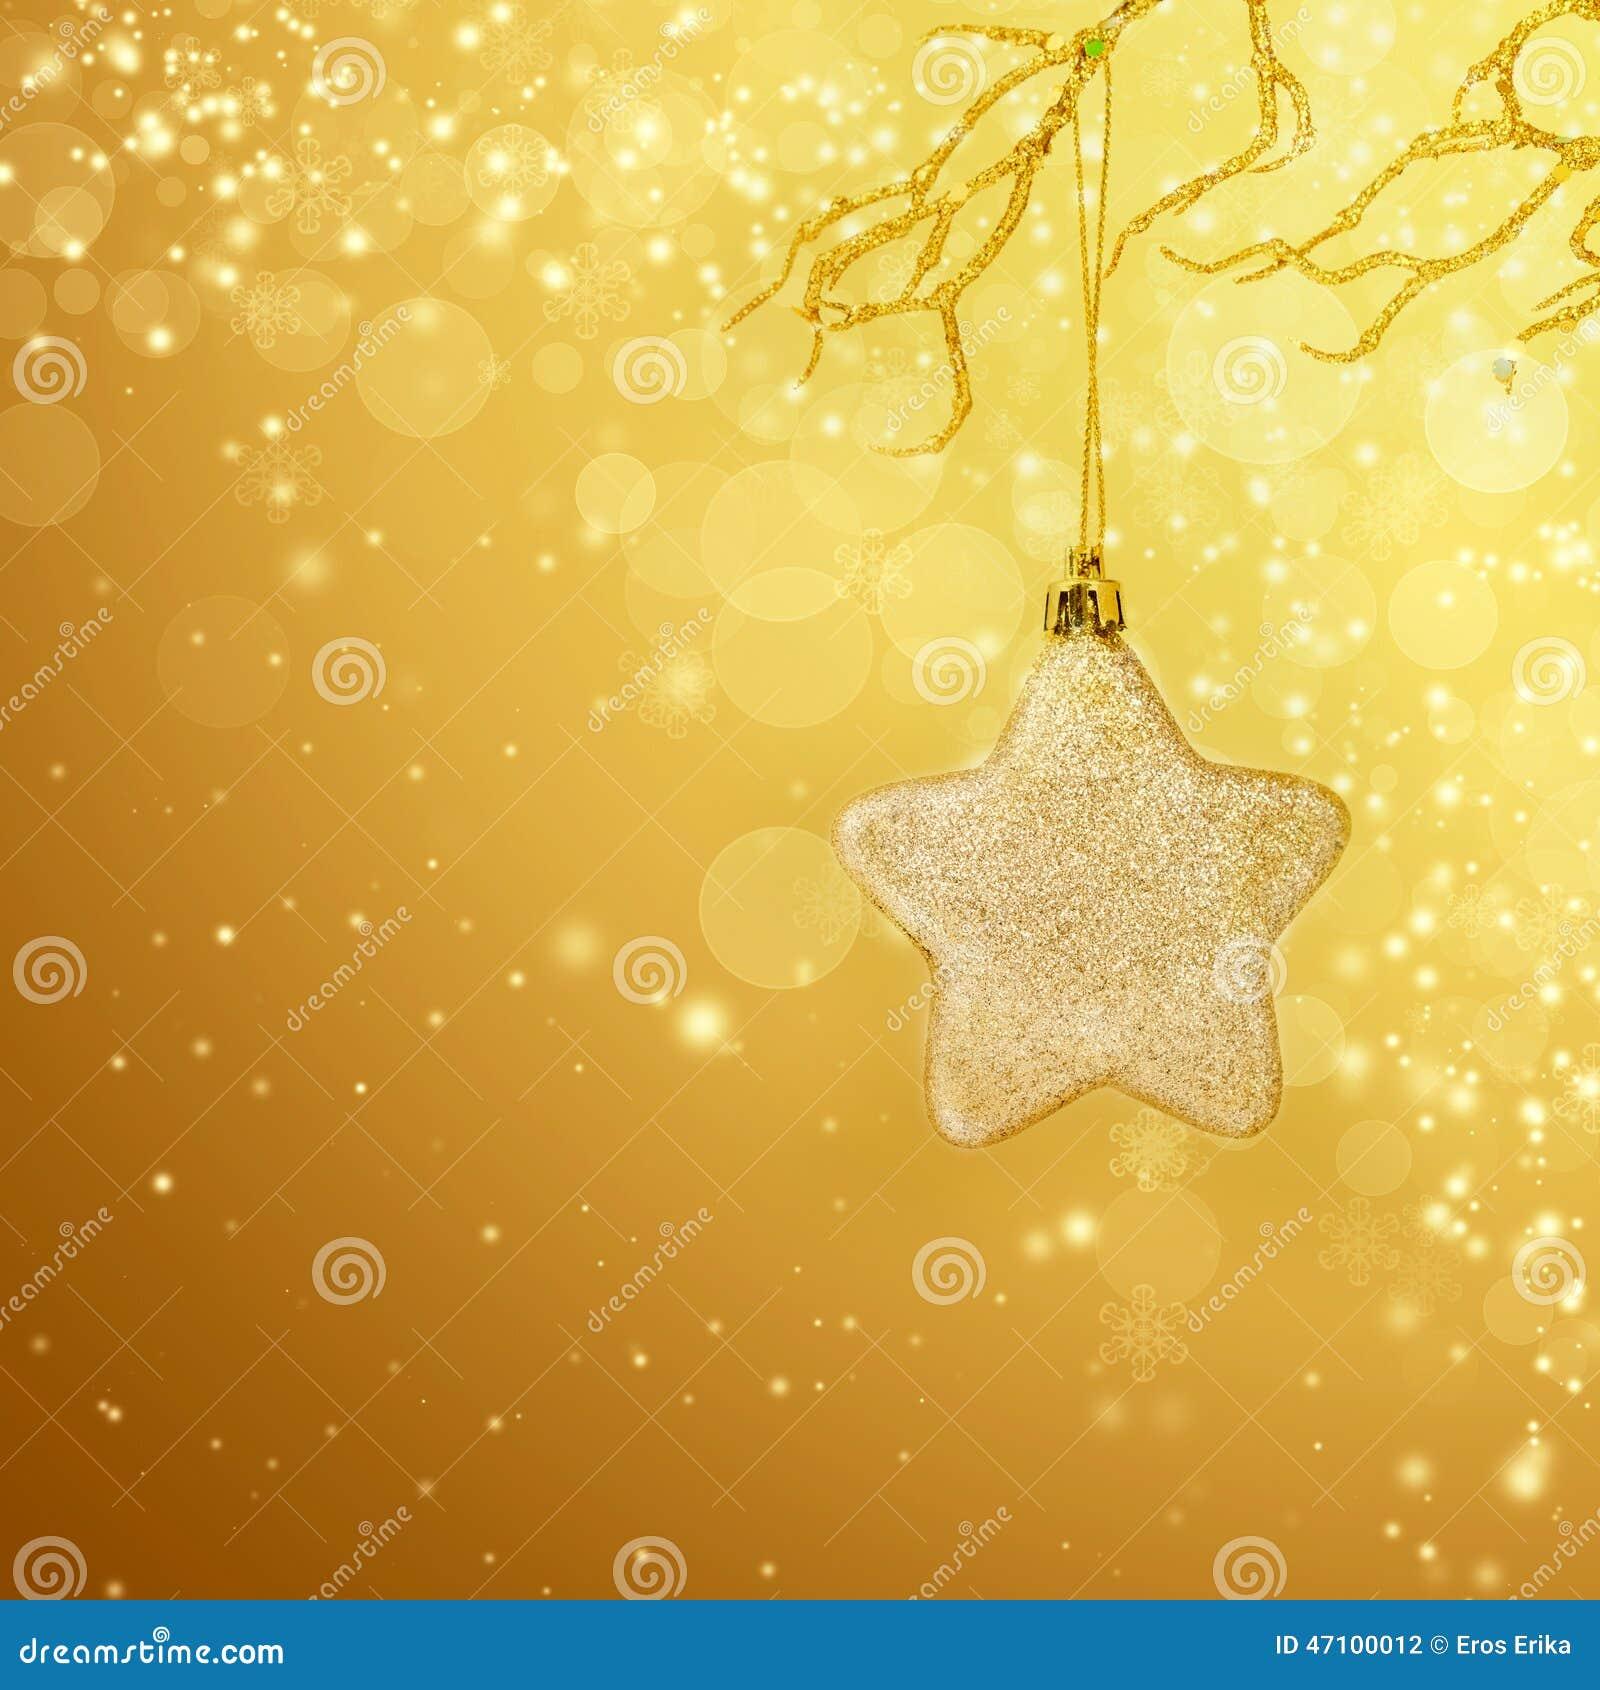 Weihnachtshintergrund mit Nahaufnahme auf Dekorationen